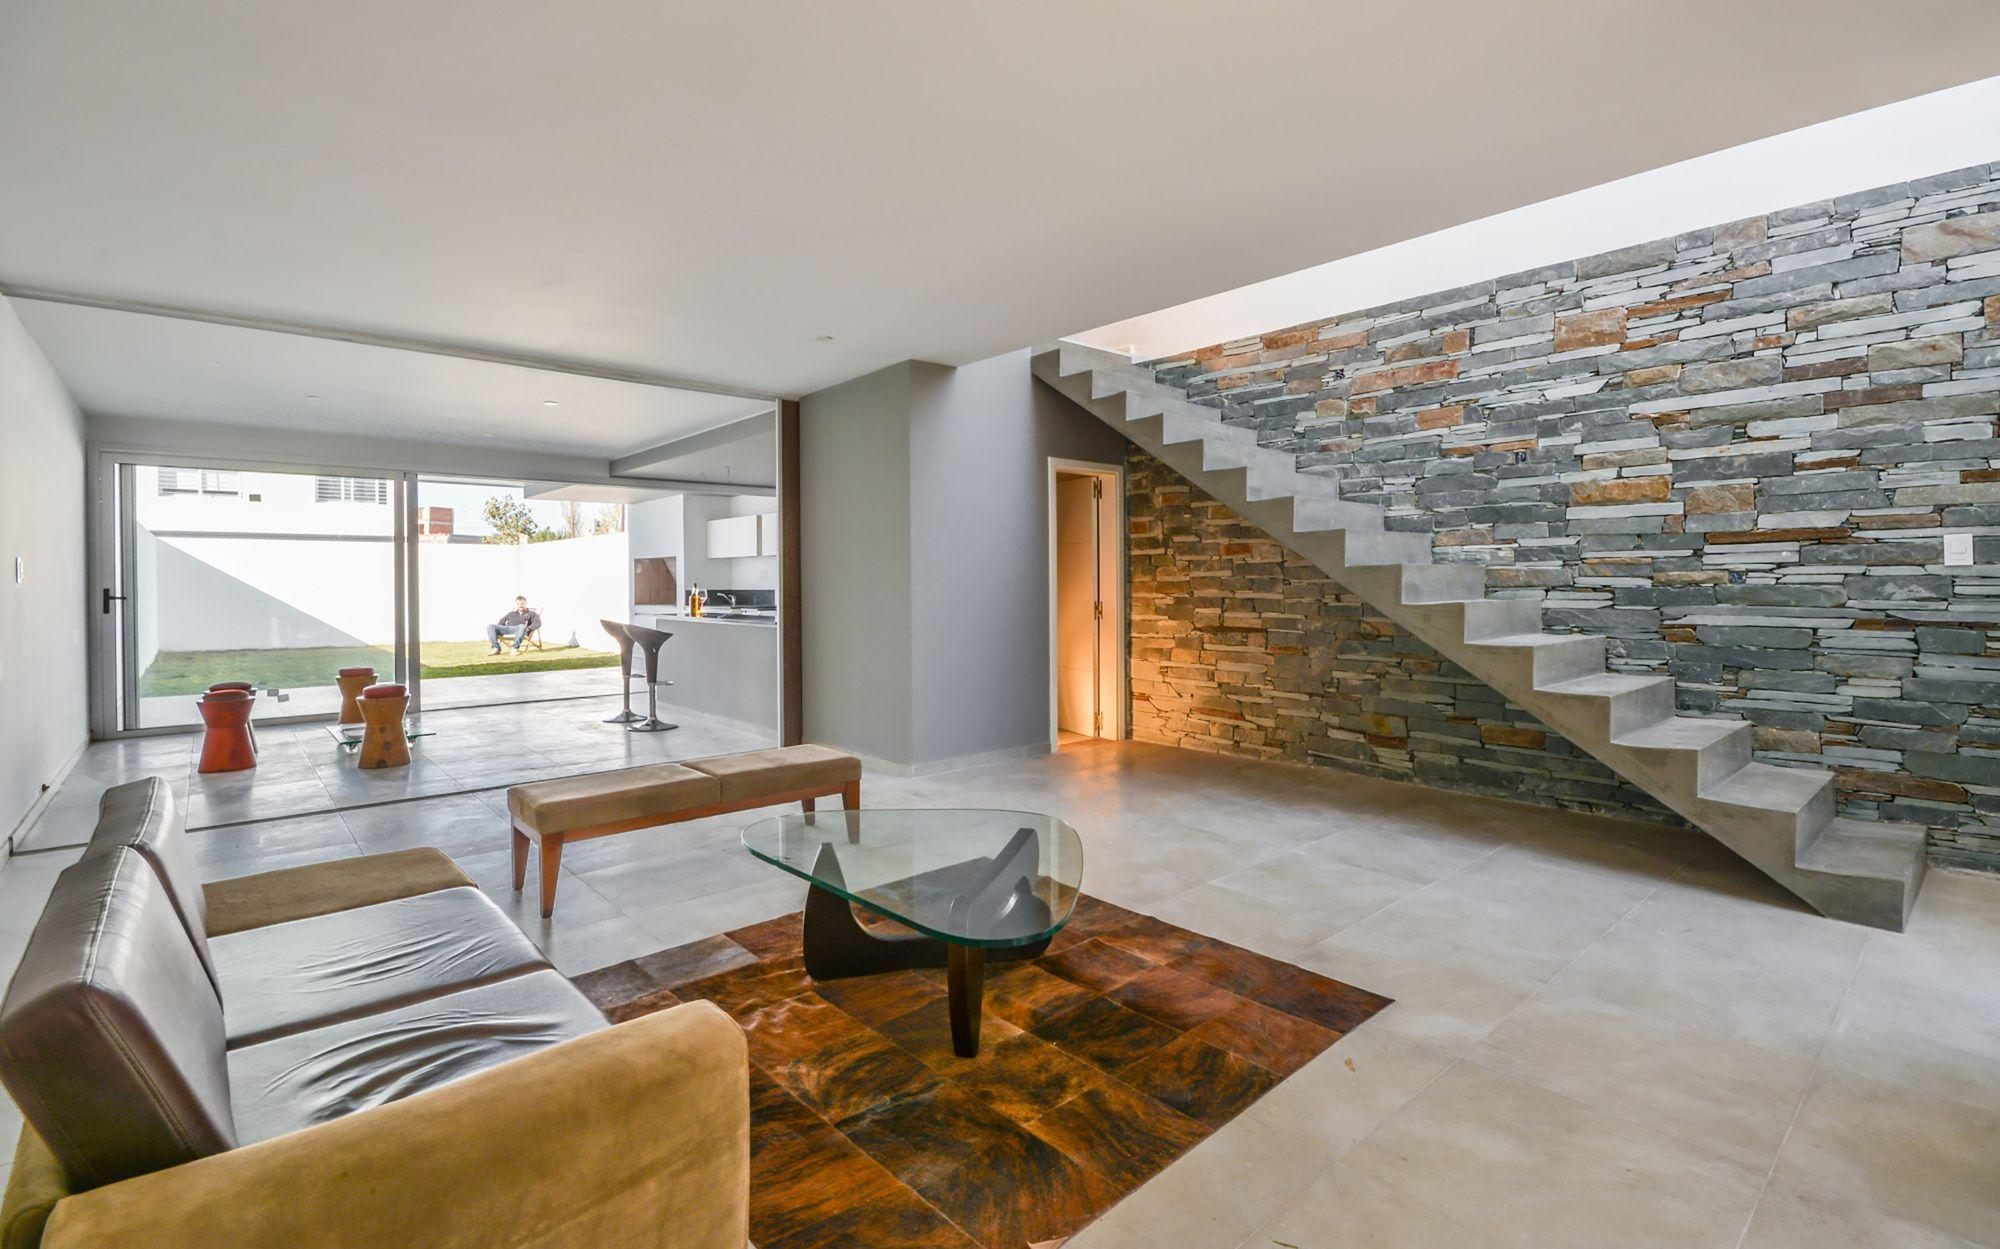 Galería de Casas Adosadas / Estudio A+3 - 4 | Escaleras de concreto ...